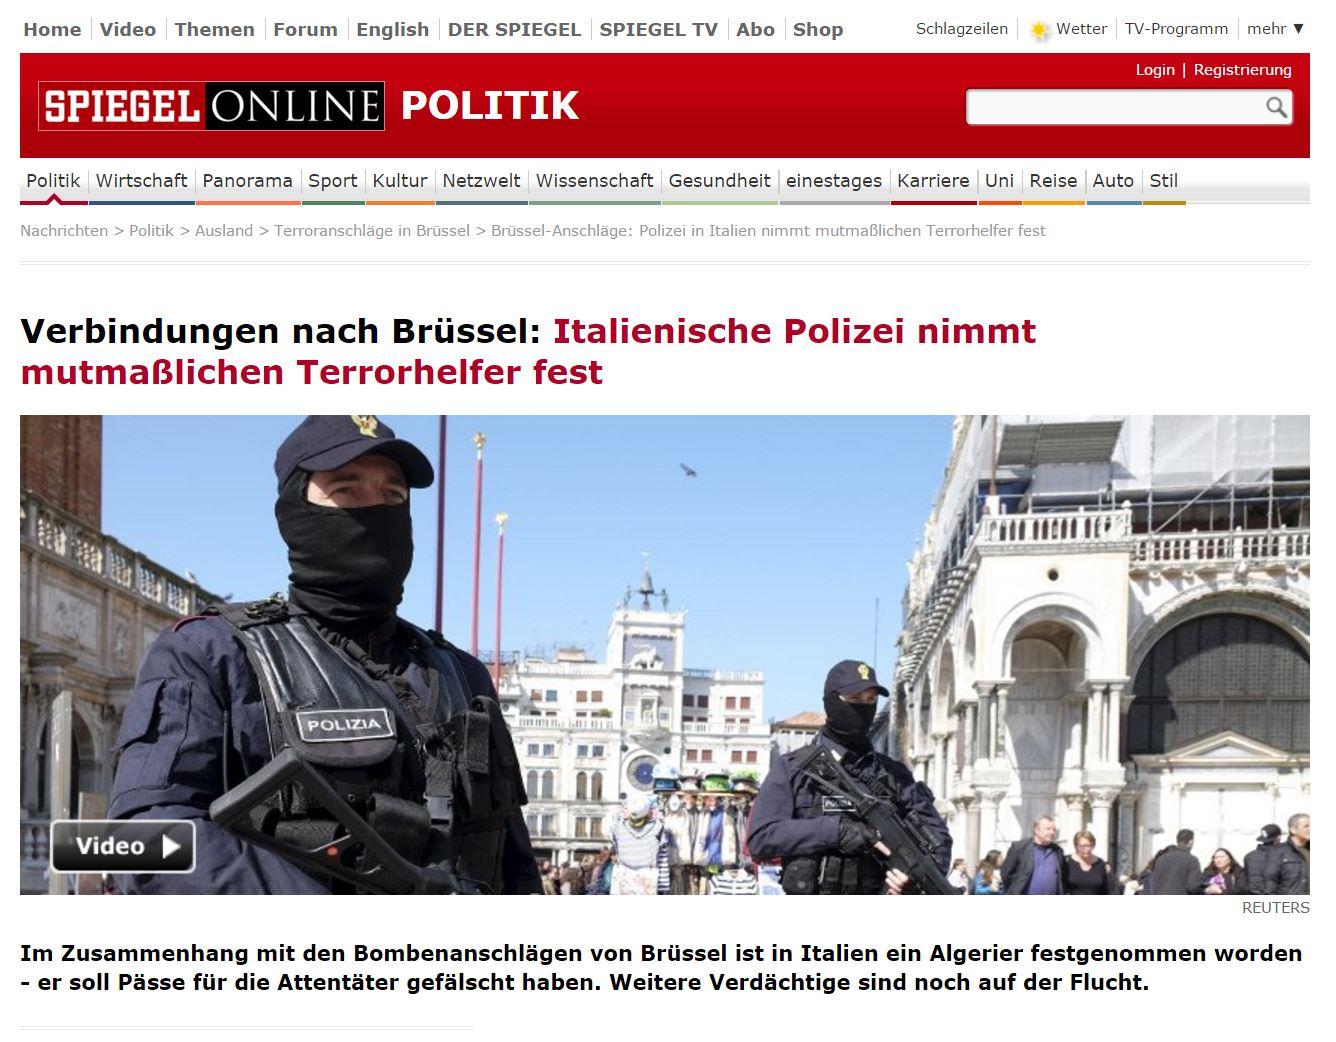 Italienische Polizei nimmt mutmaßlichen Terrorhelfer fest